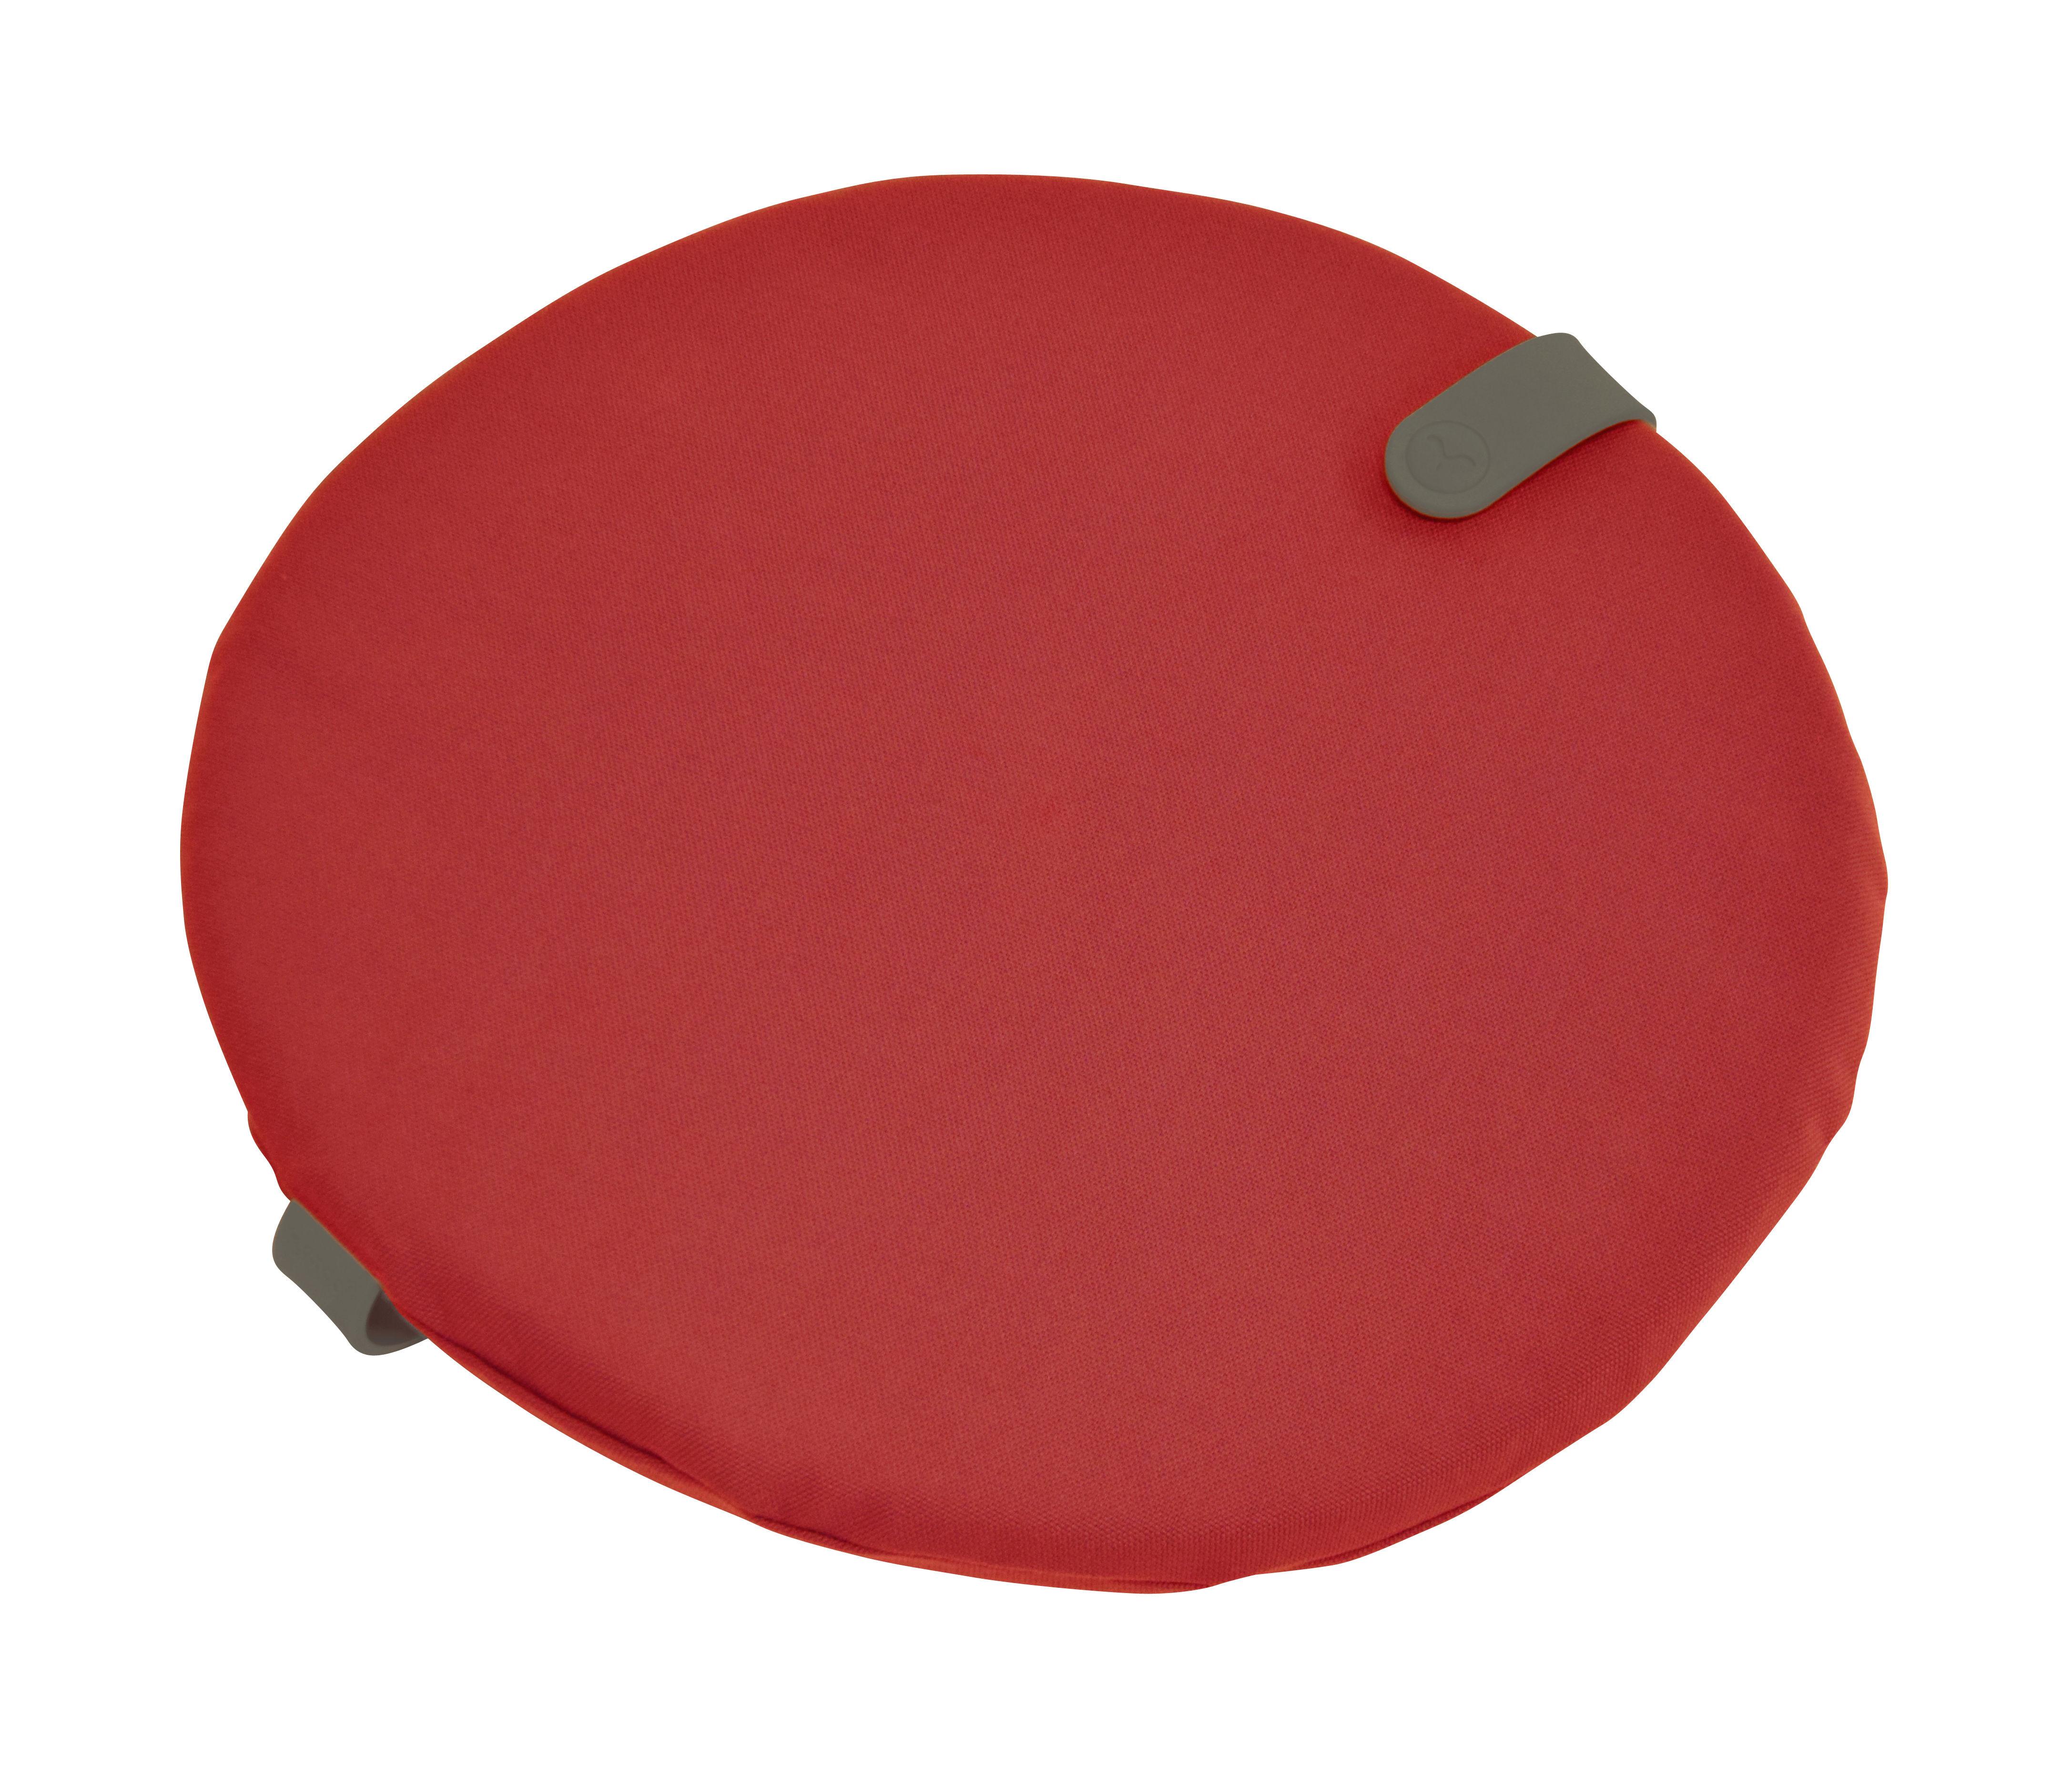 Déco - Coussins - Galette de chaise Color Mix / Ø 40 cm - Fermob - Rouge candy / Sangle romarin - Mousse, PVC, Tissu acrylique